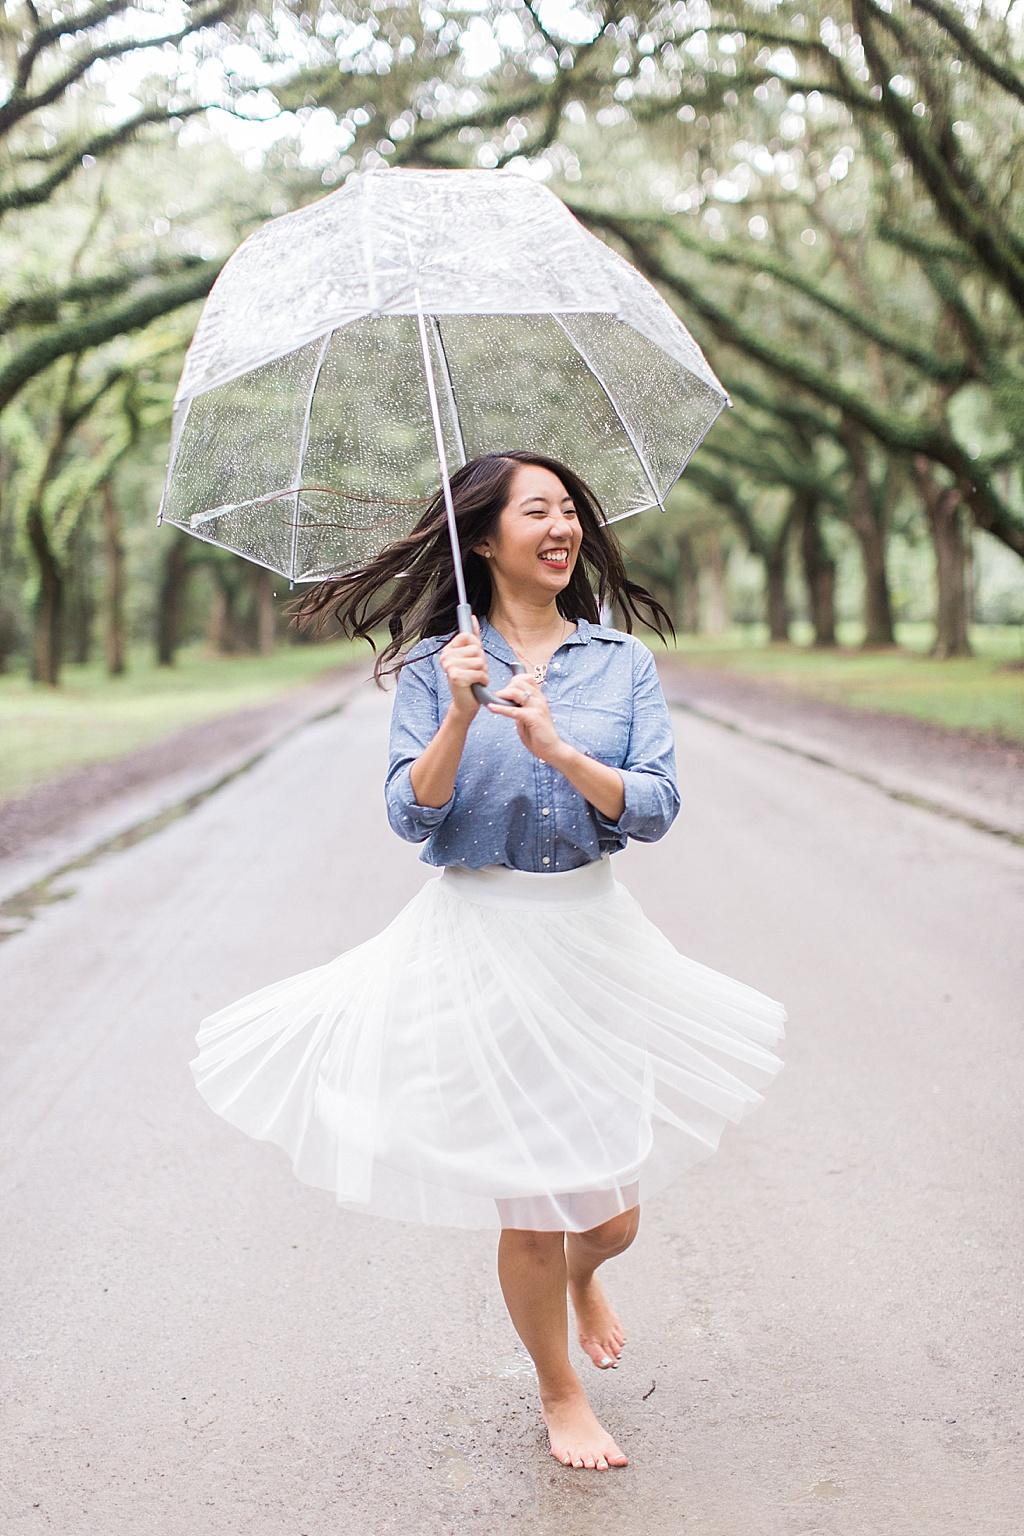 Ronnie_Steve_Savannah_Photographer_Rainy_Day_Photos_Clear_Umbrella024.JPG